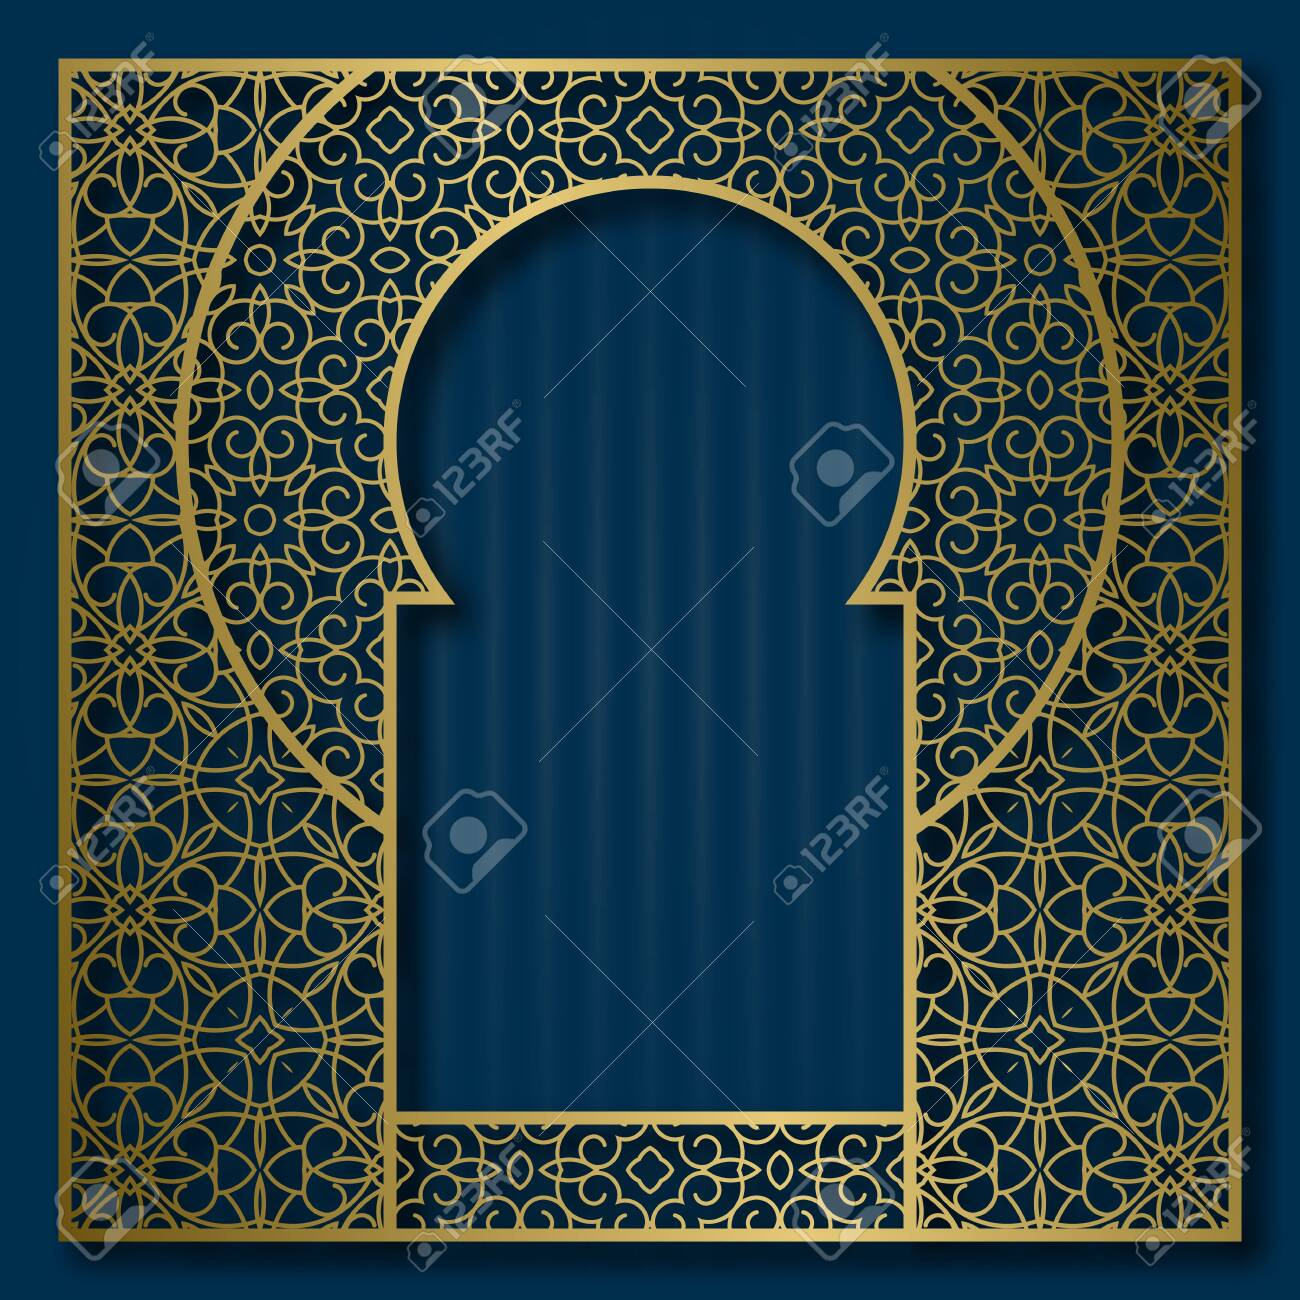 Golden patterned frame in oriental arched window form. Vintage greeting card background or packaging design frame. - 128286782